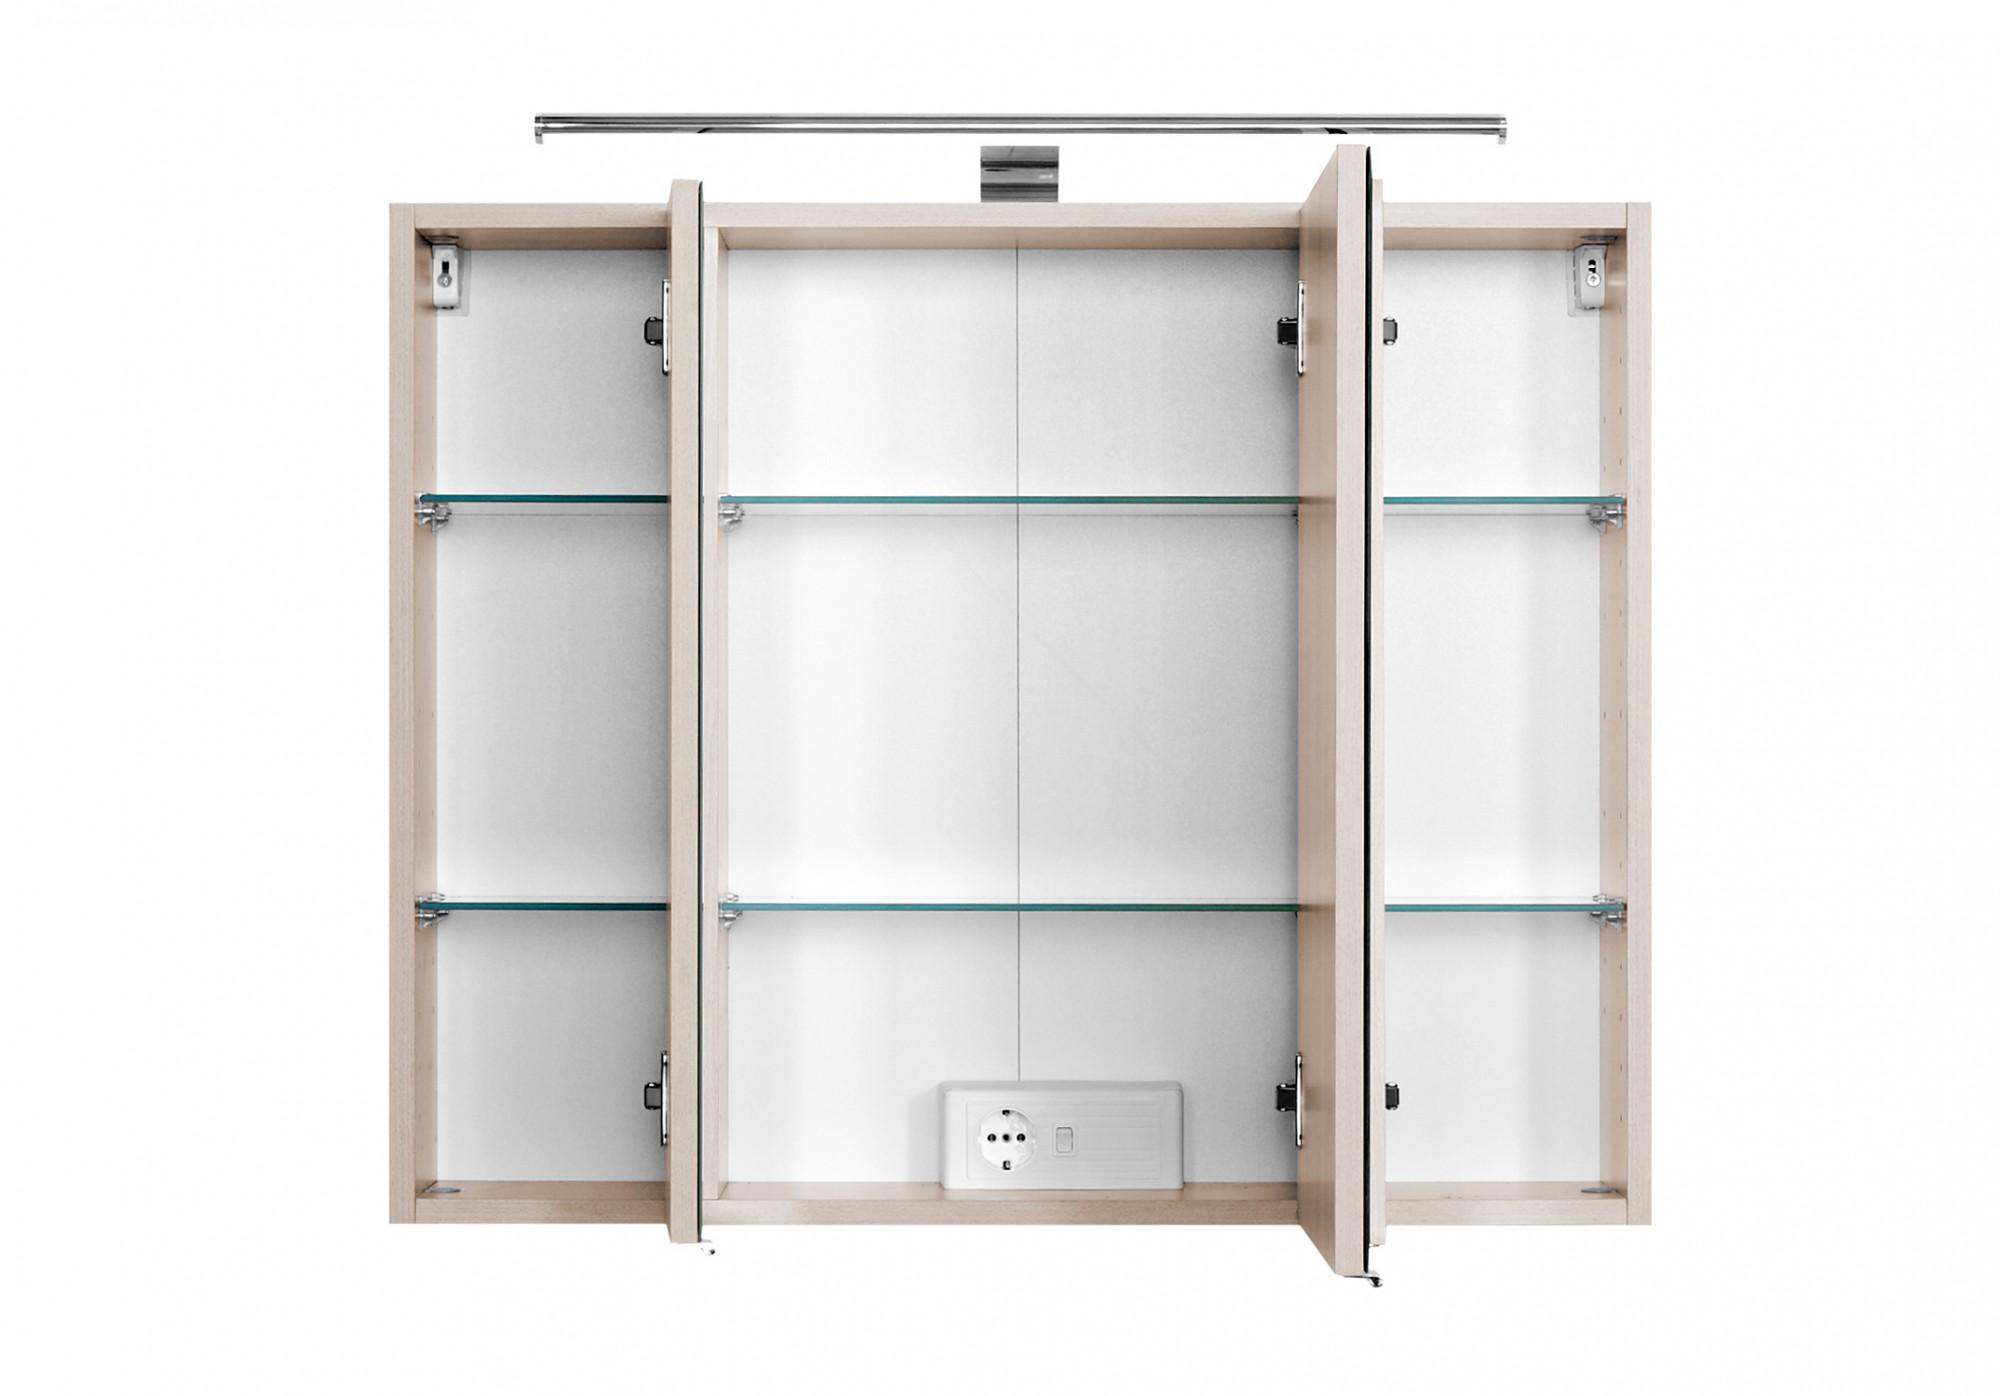 badezimmer spiegelschrank 80 cm breit gx73 hitoiro. Black Bedroom Furniture Sets. Home Design Ideas